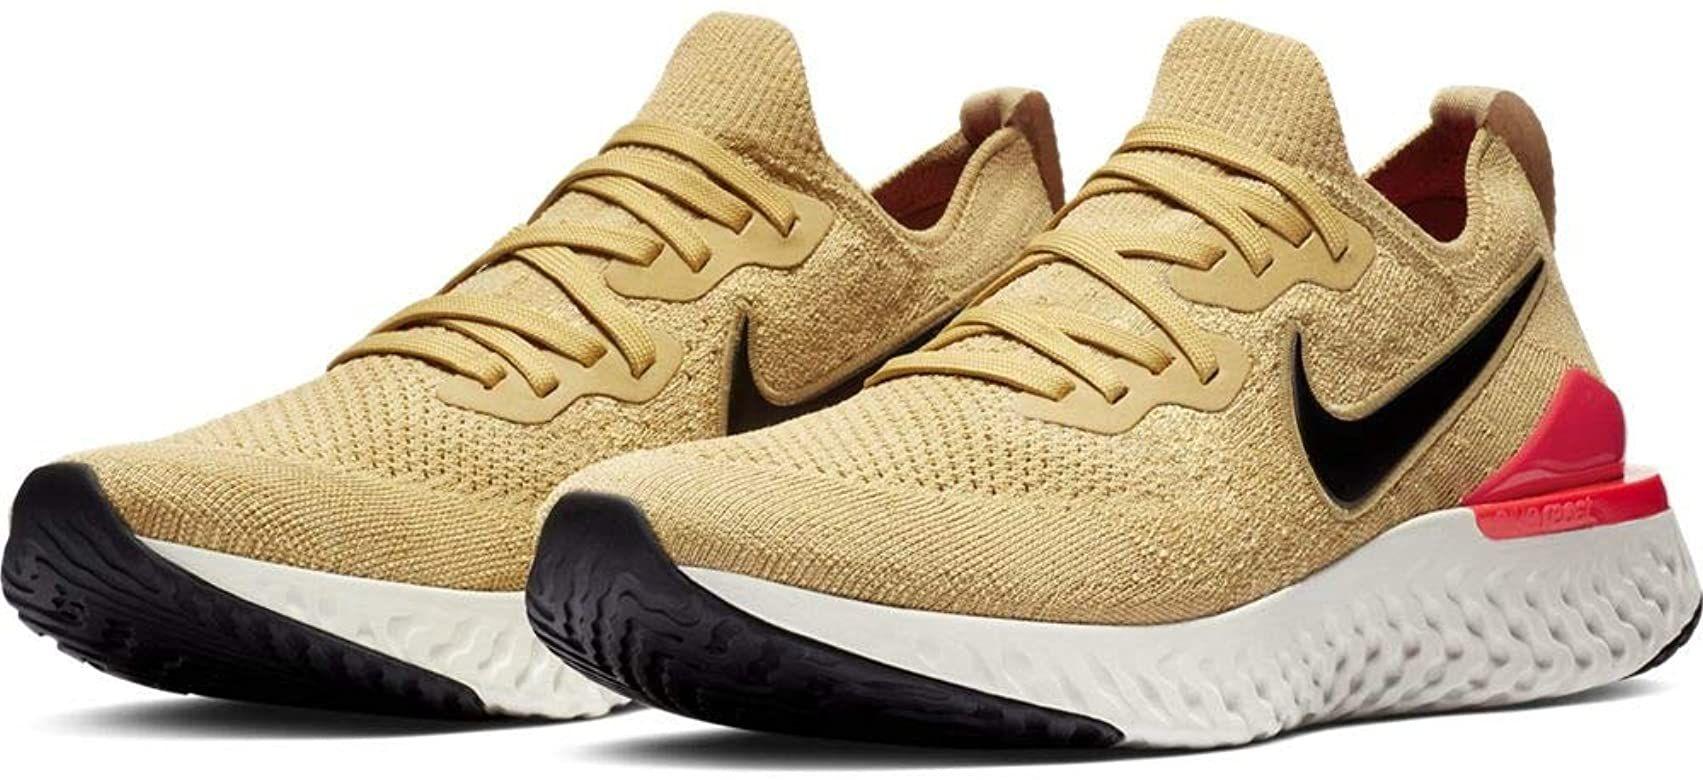 venganza menú frágil  Amazon.com: Nike Epic React Flyknit - Tenis de correr para mujer, Dorado:  Shoes | Mens trail running shoes, Running shoes for men, Running shoes nike